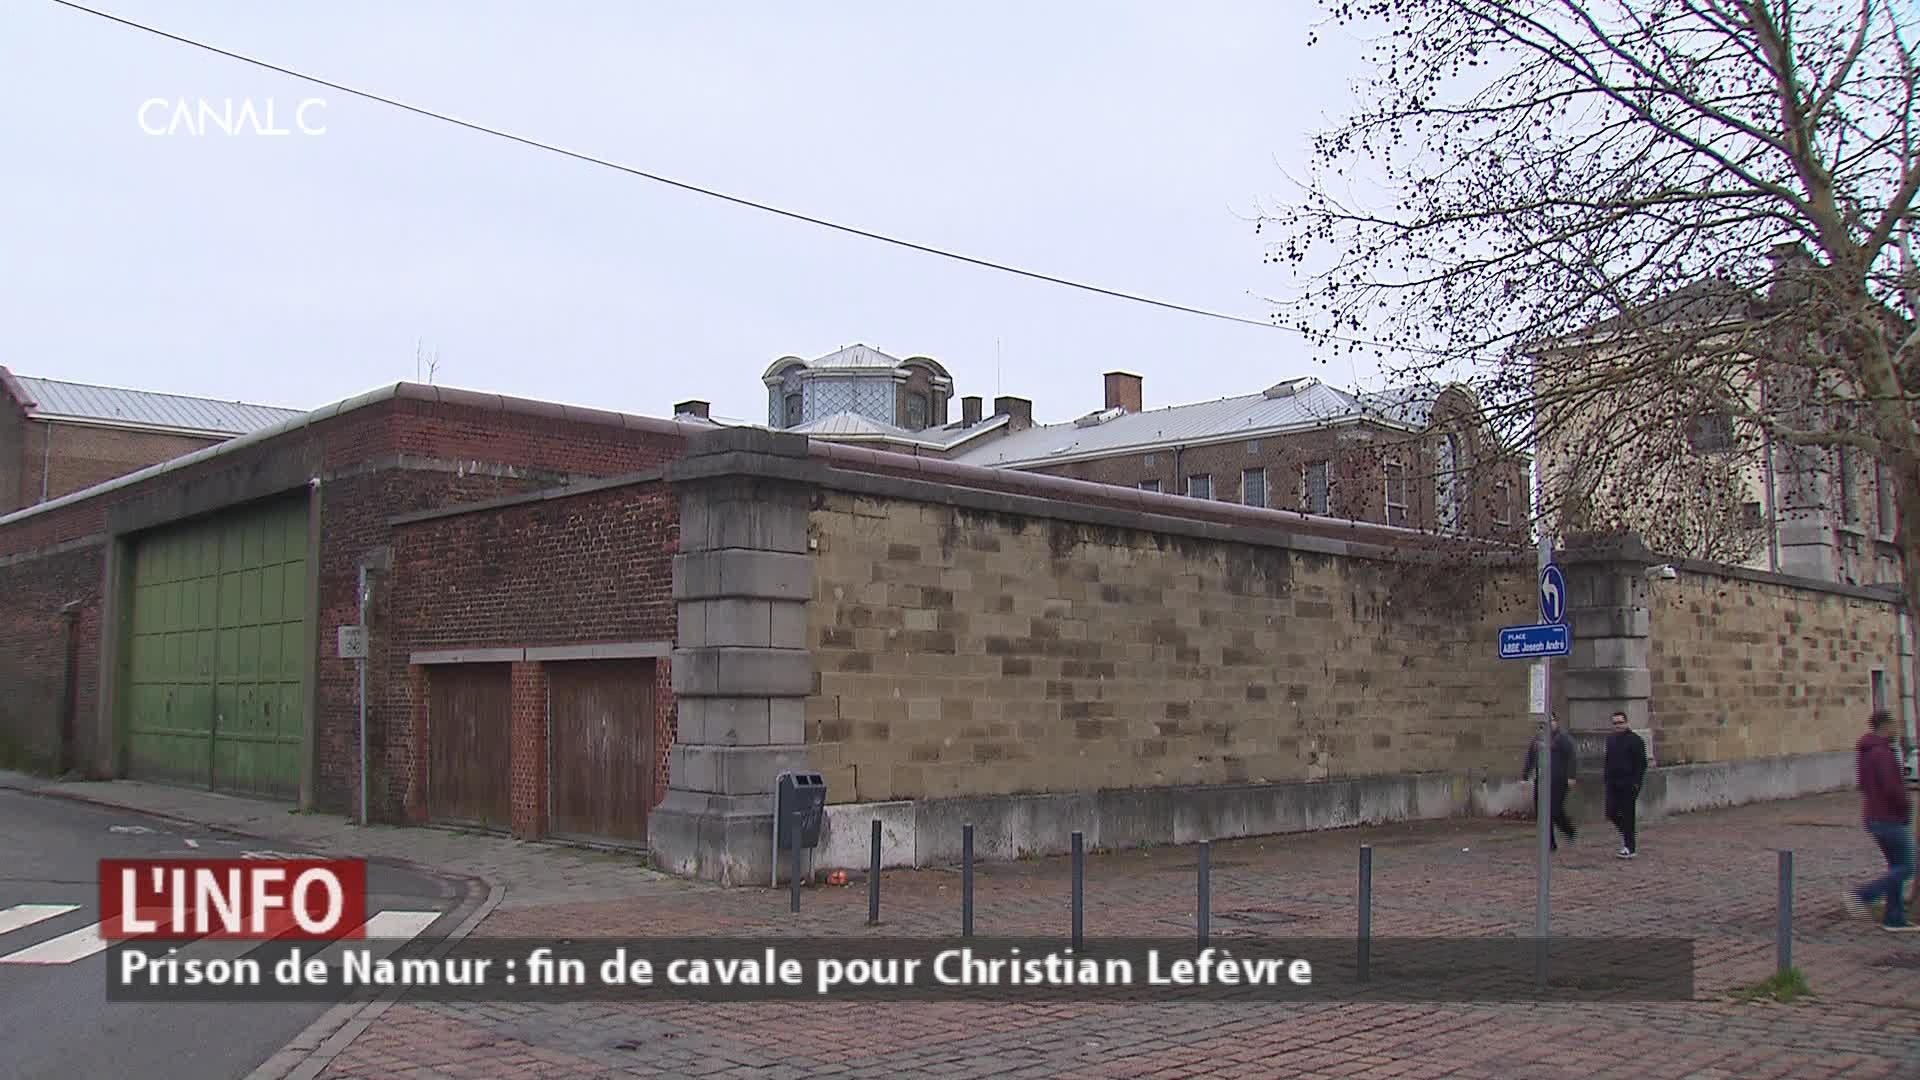 Fin de cavale pour Christian Lefèvre